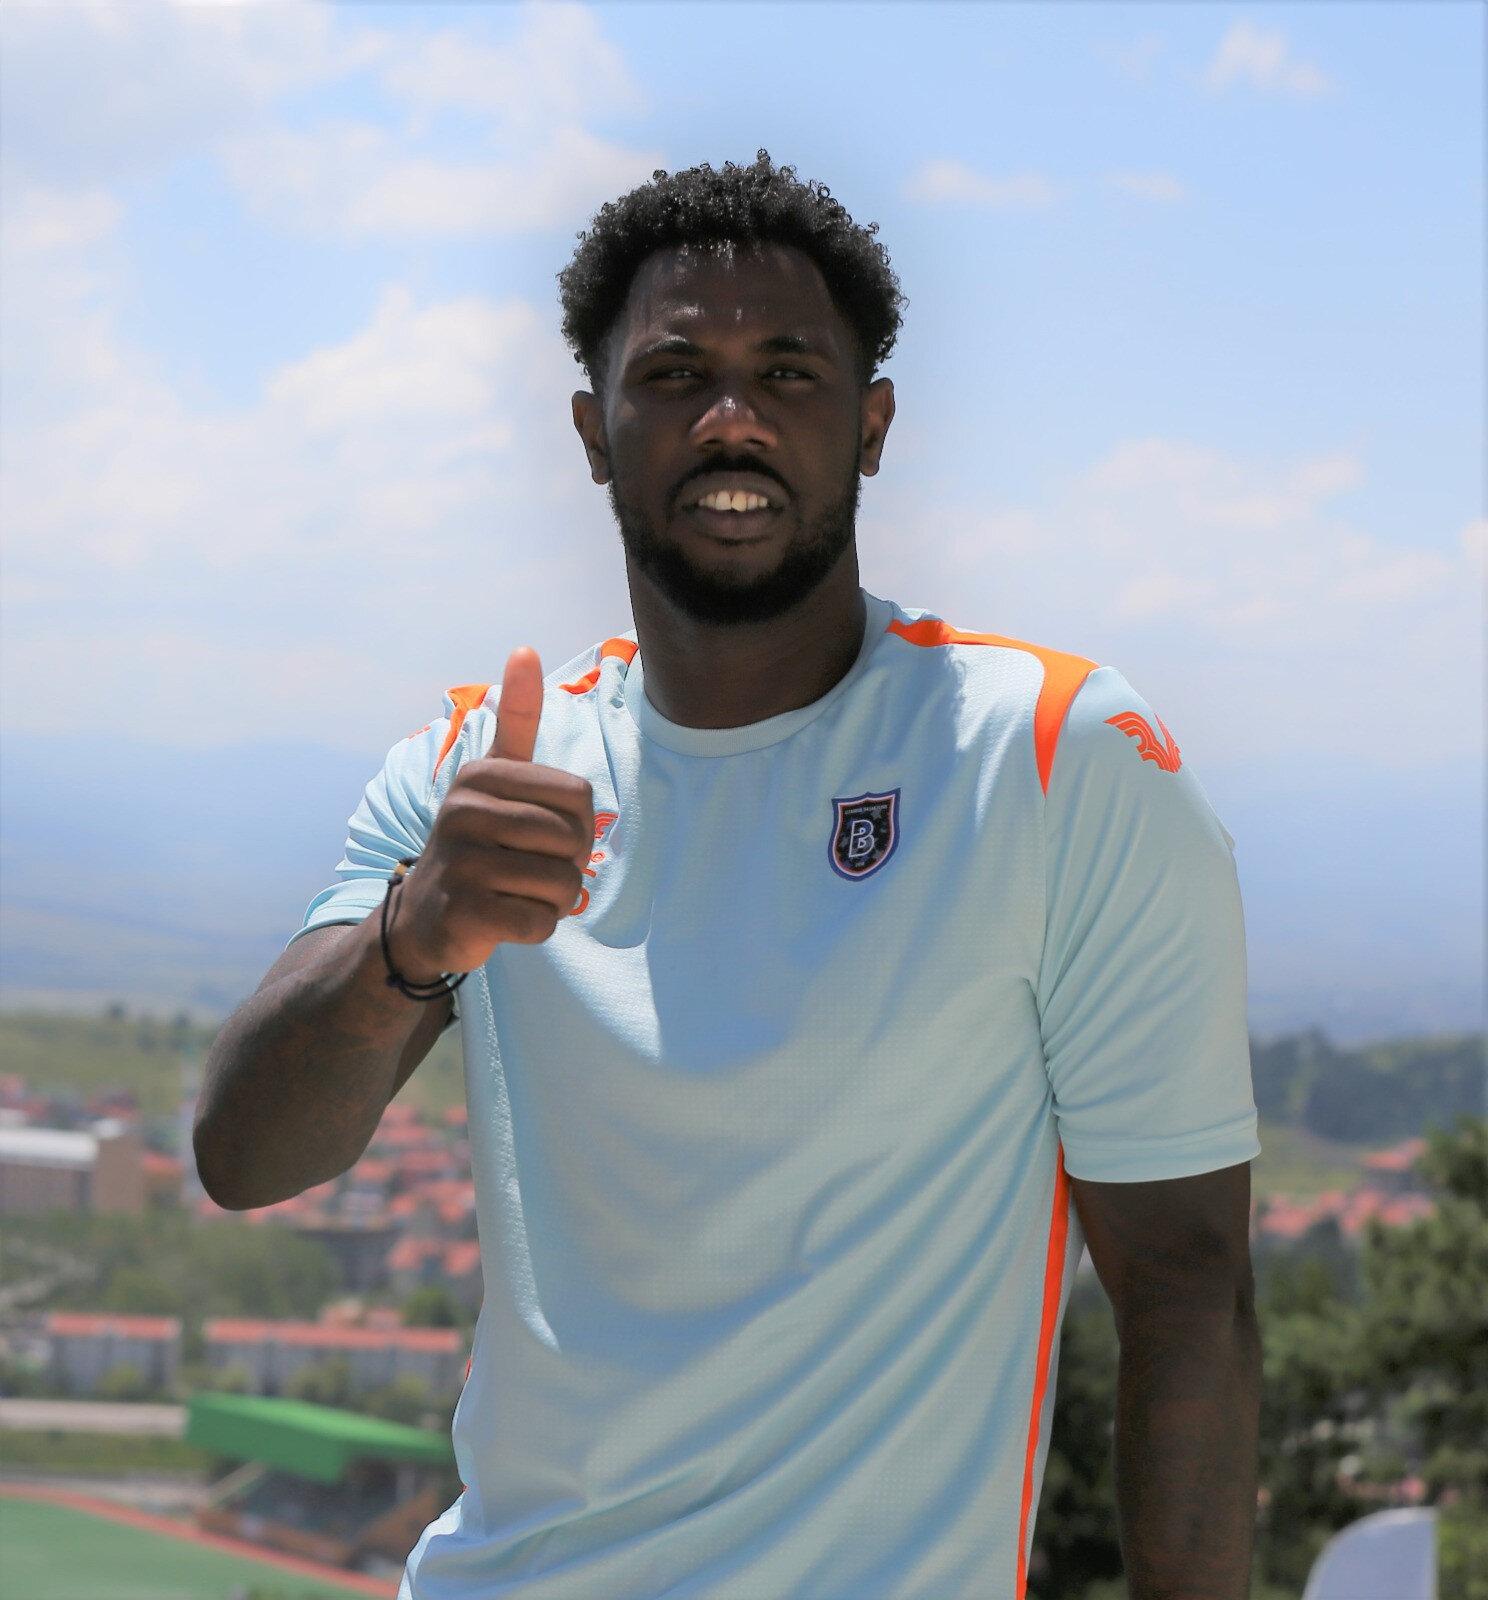 Ponck'un kulübüyle 2023 yılına kadar sözleşmesi bulunuyor.